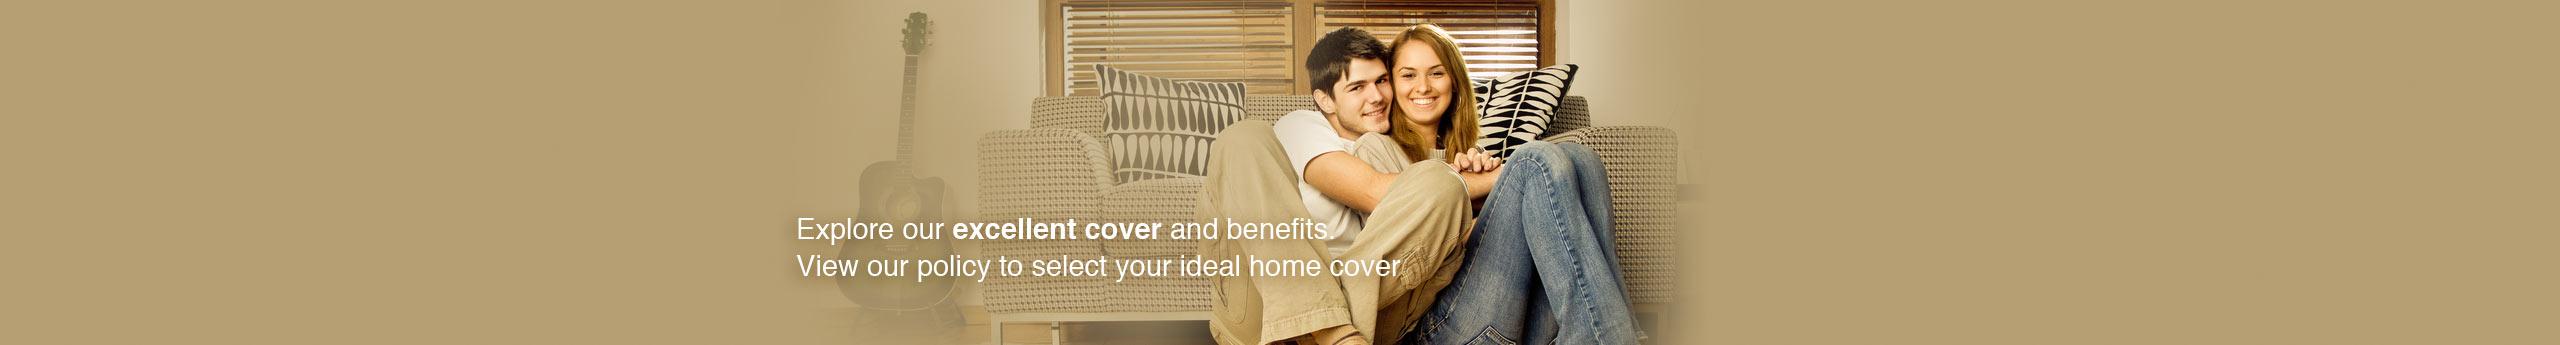 Citadel Insurance